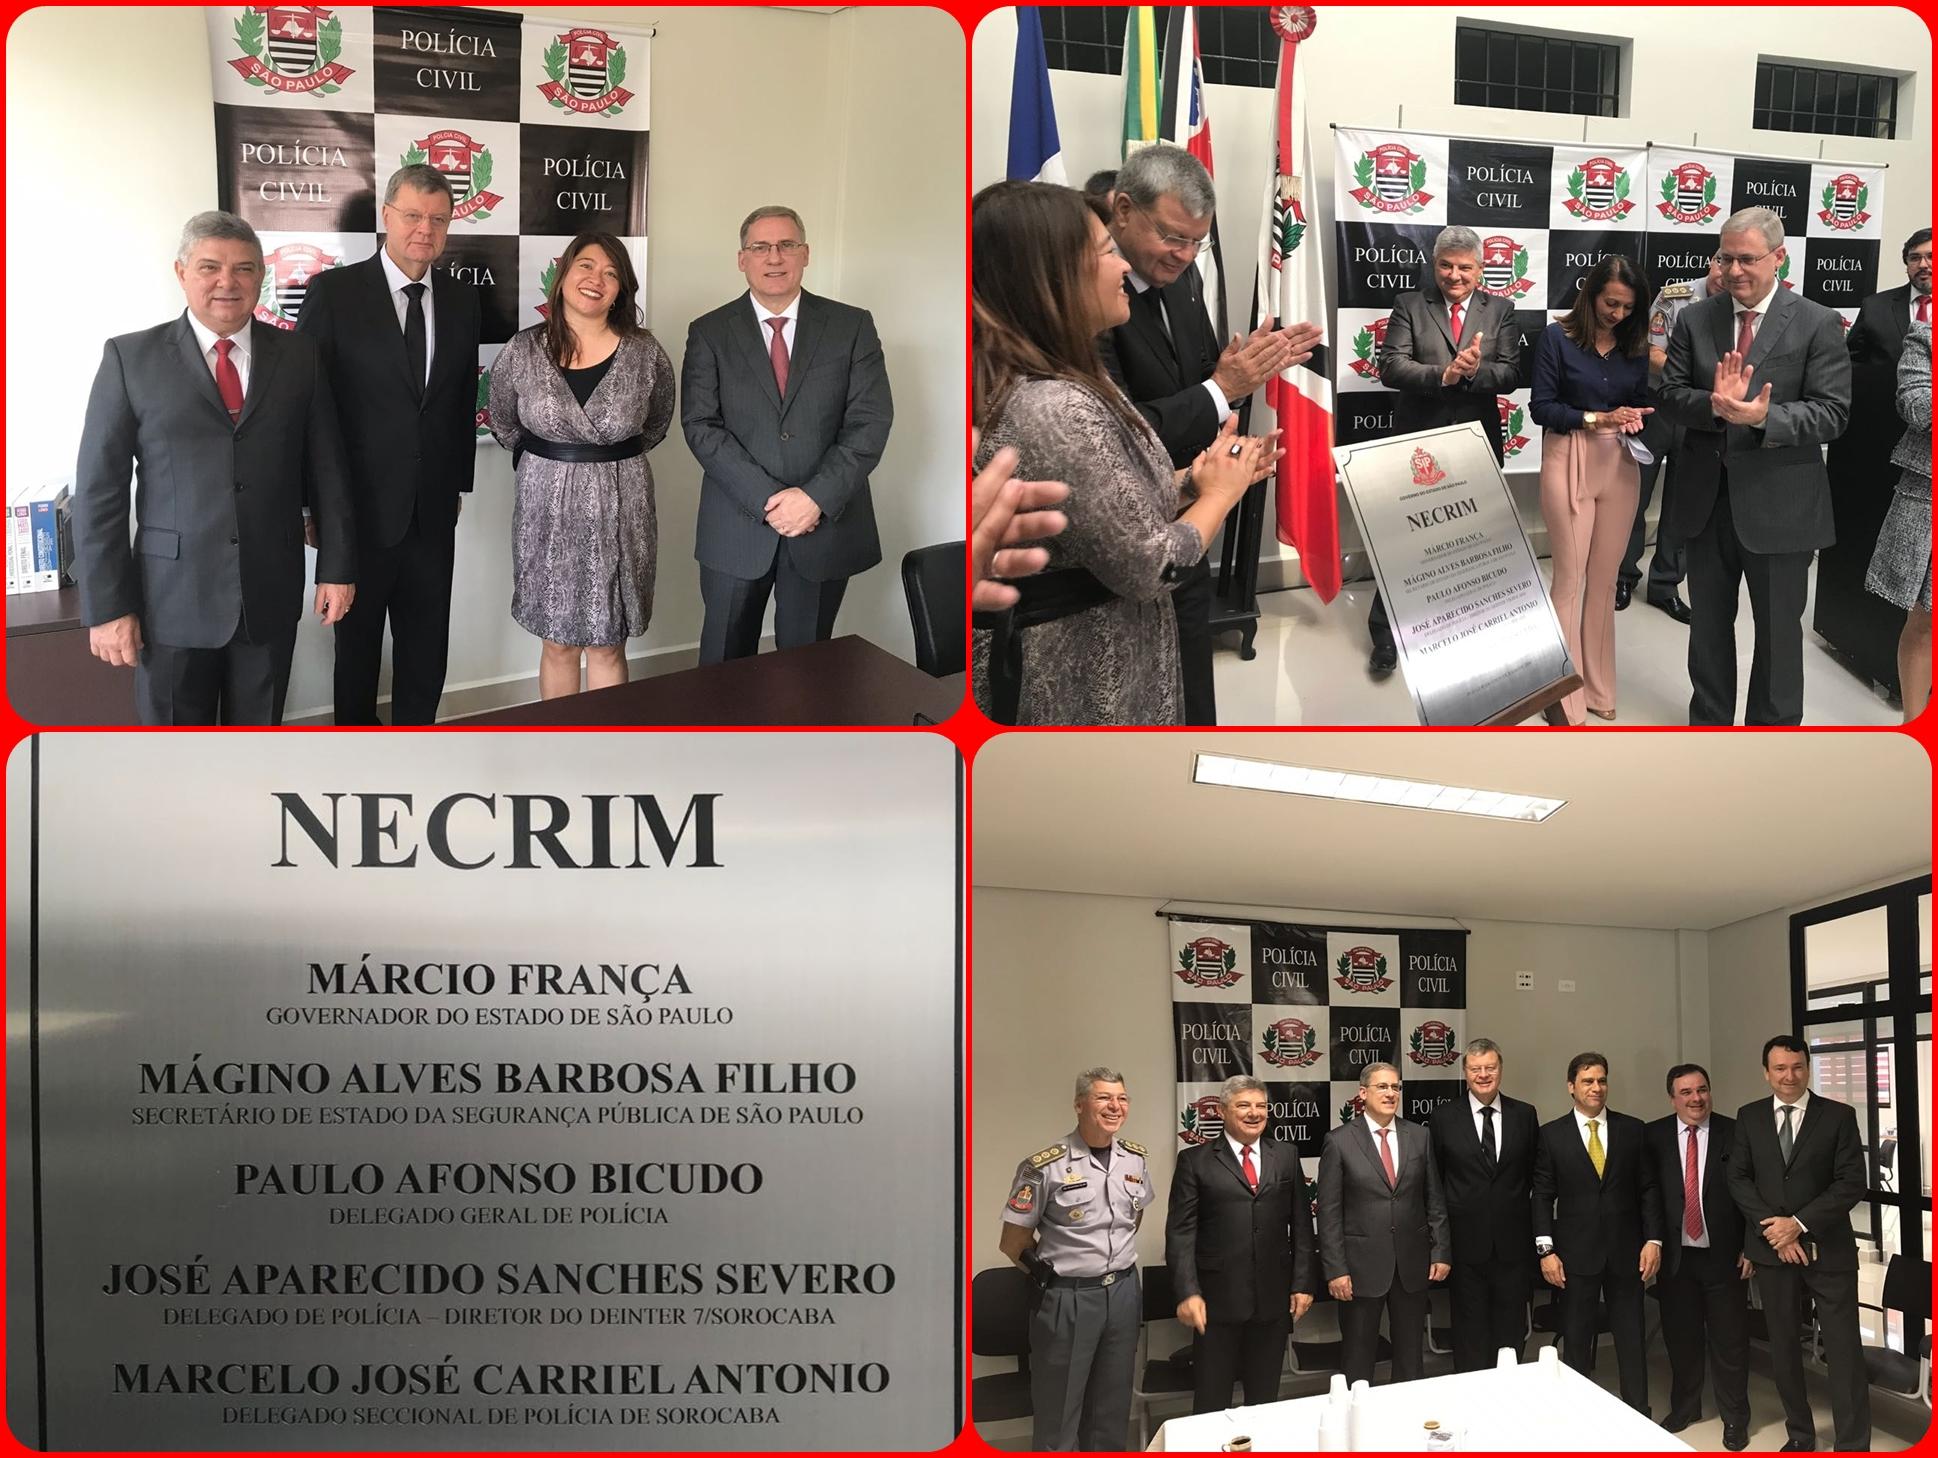 Inauguração do Necrim de Mairinque